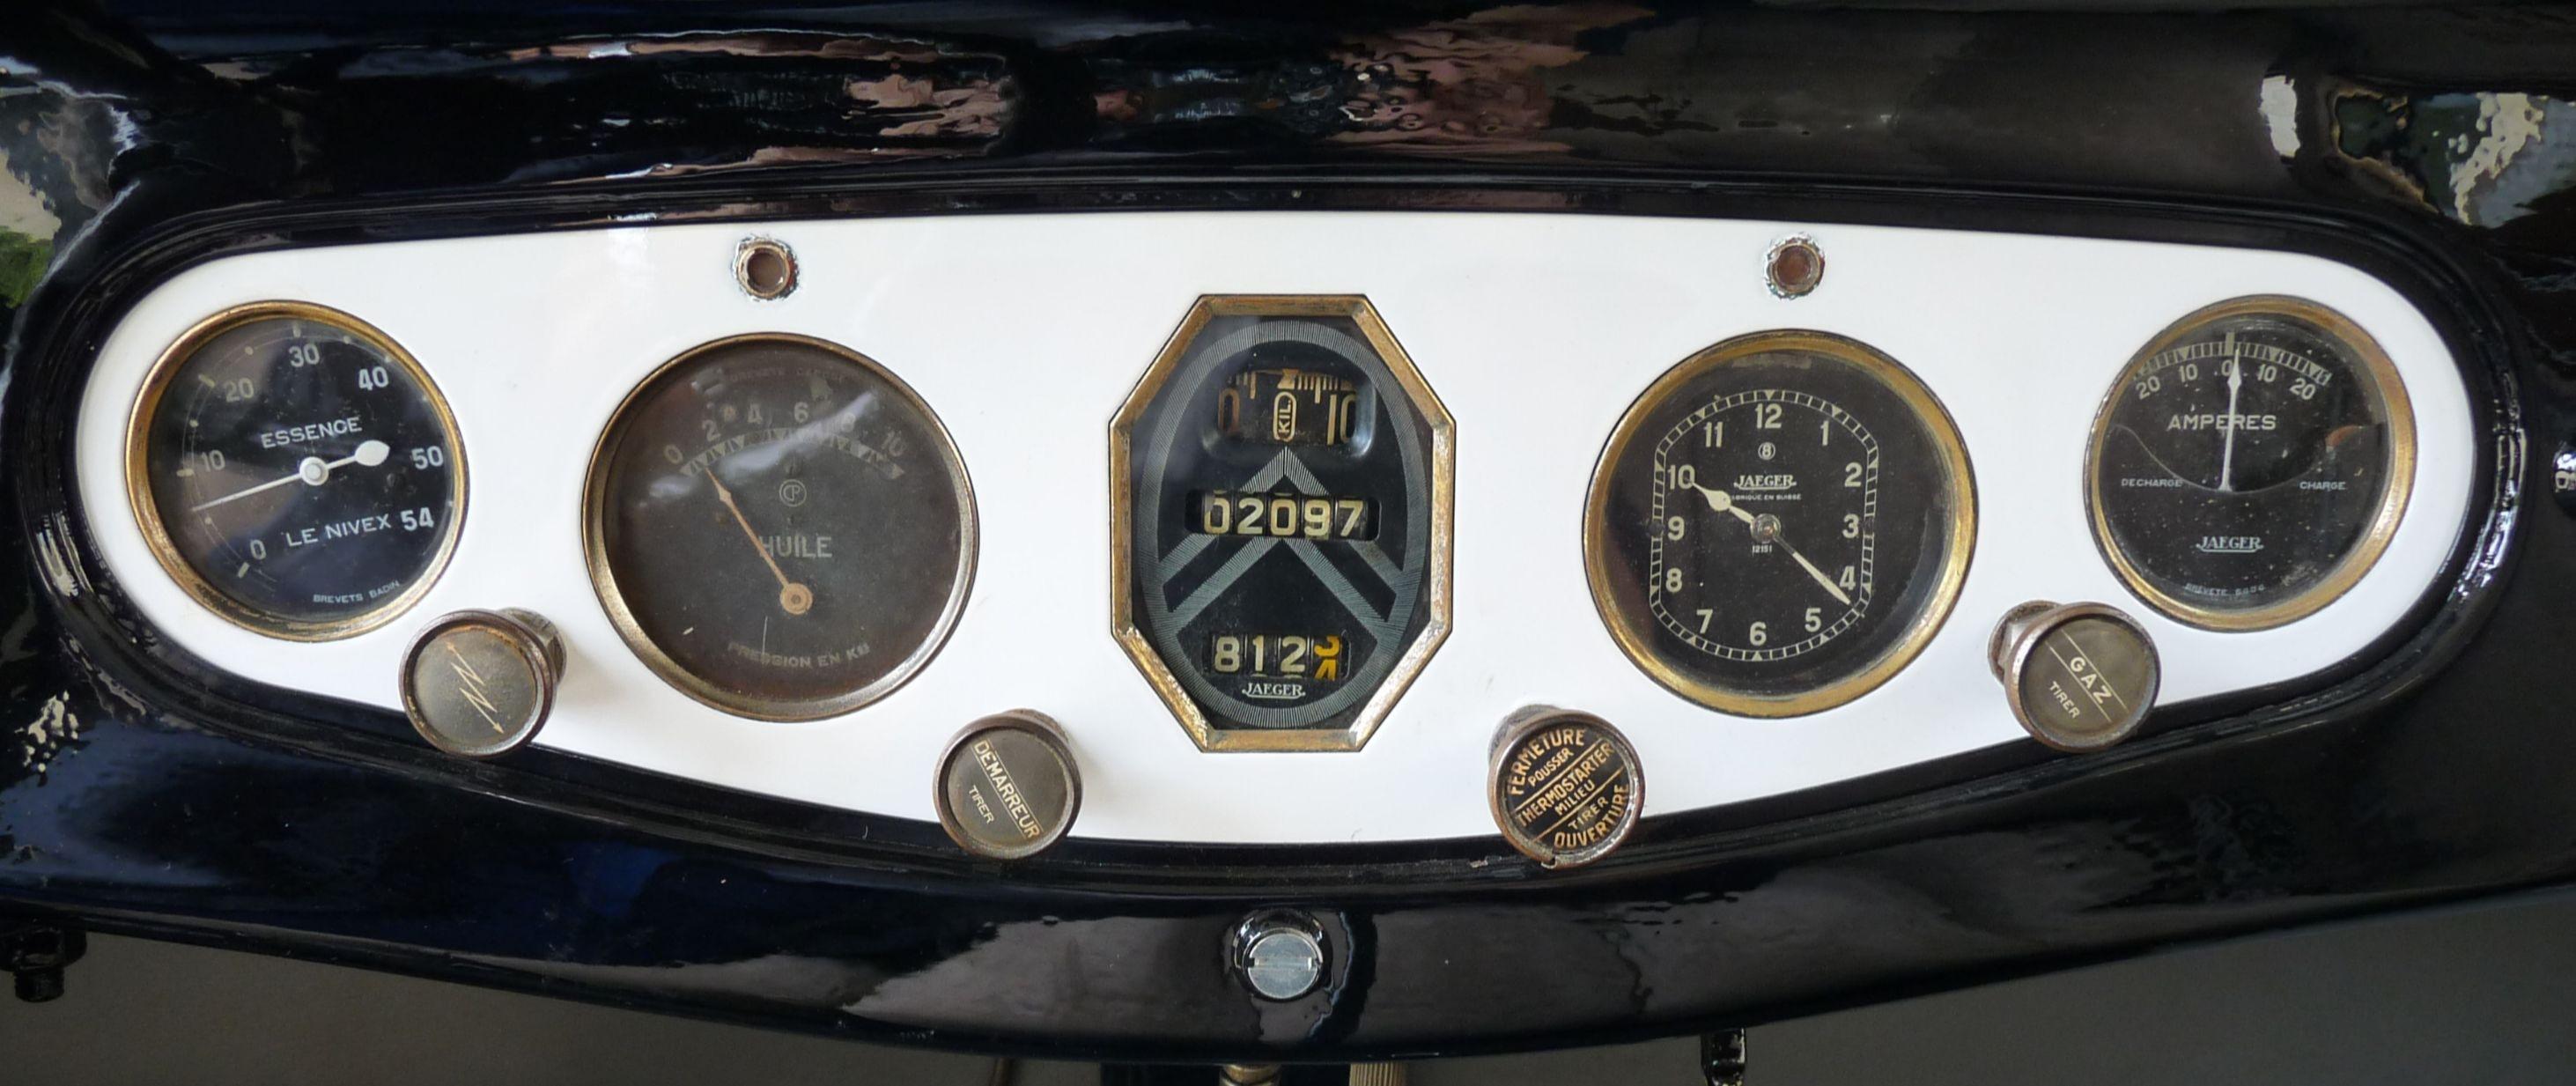 Observez bien le compteur kilométrique à zéro : les chiffres tournent ensuite dans une petite lucarne, comme sur les GS ou les CX 50 ans plus tard.